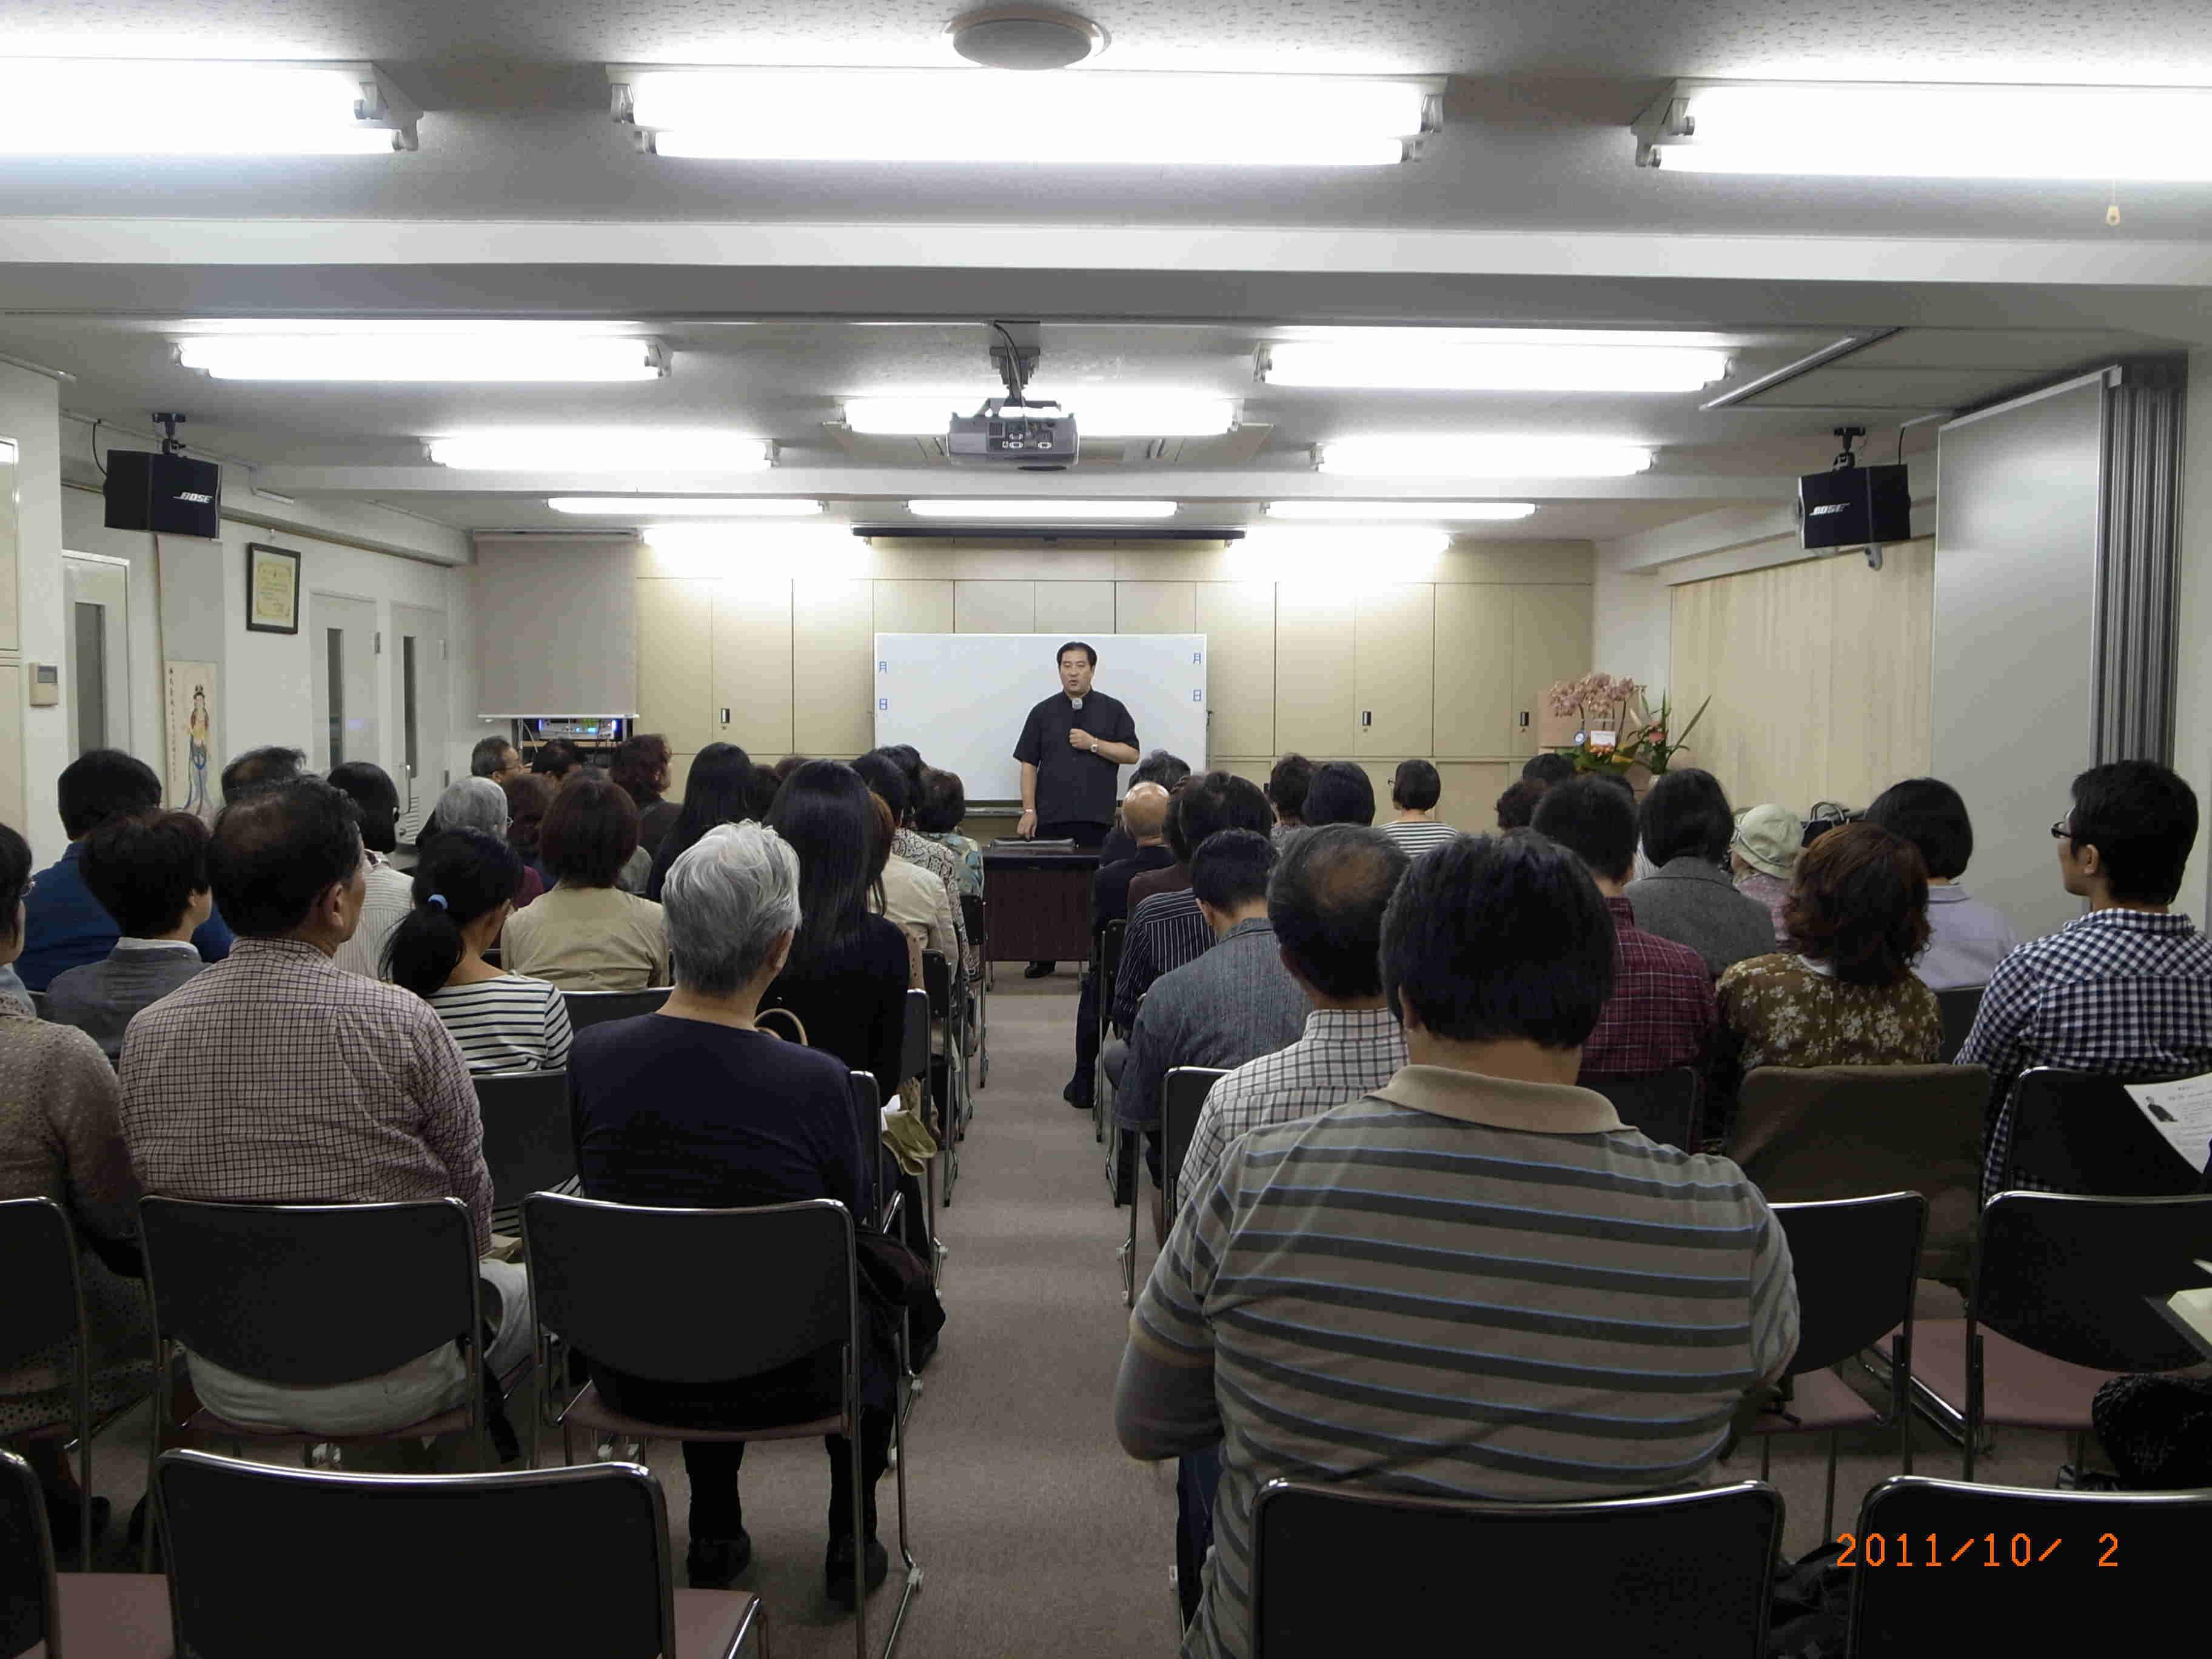 大明気功院 出版記念講演会in横浜『なぜ あなたの病気は治らないのか』青島大明院長